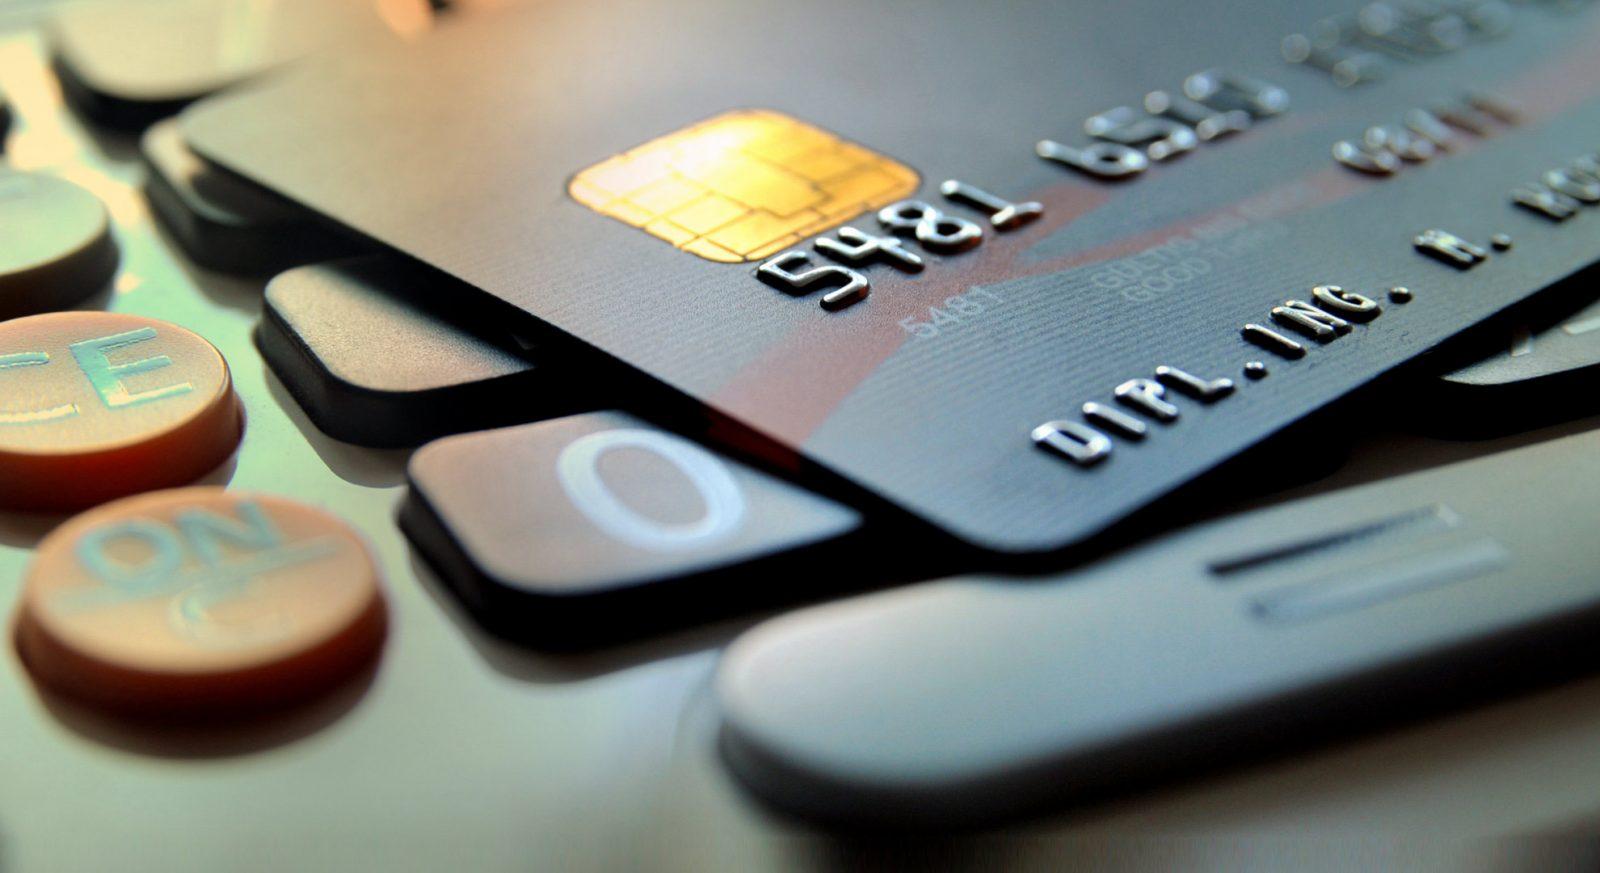 Минималистский стиль в личных финансах